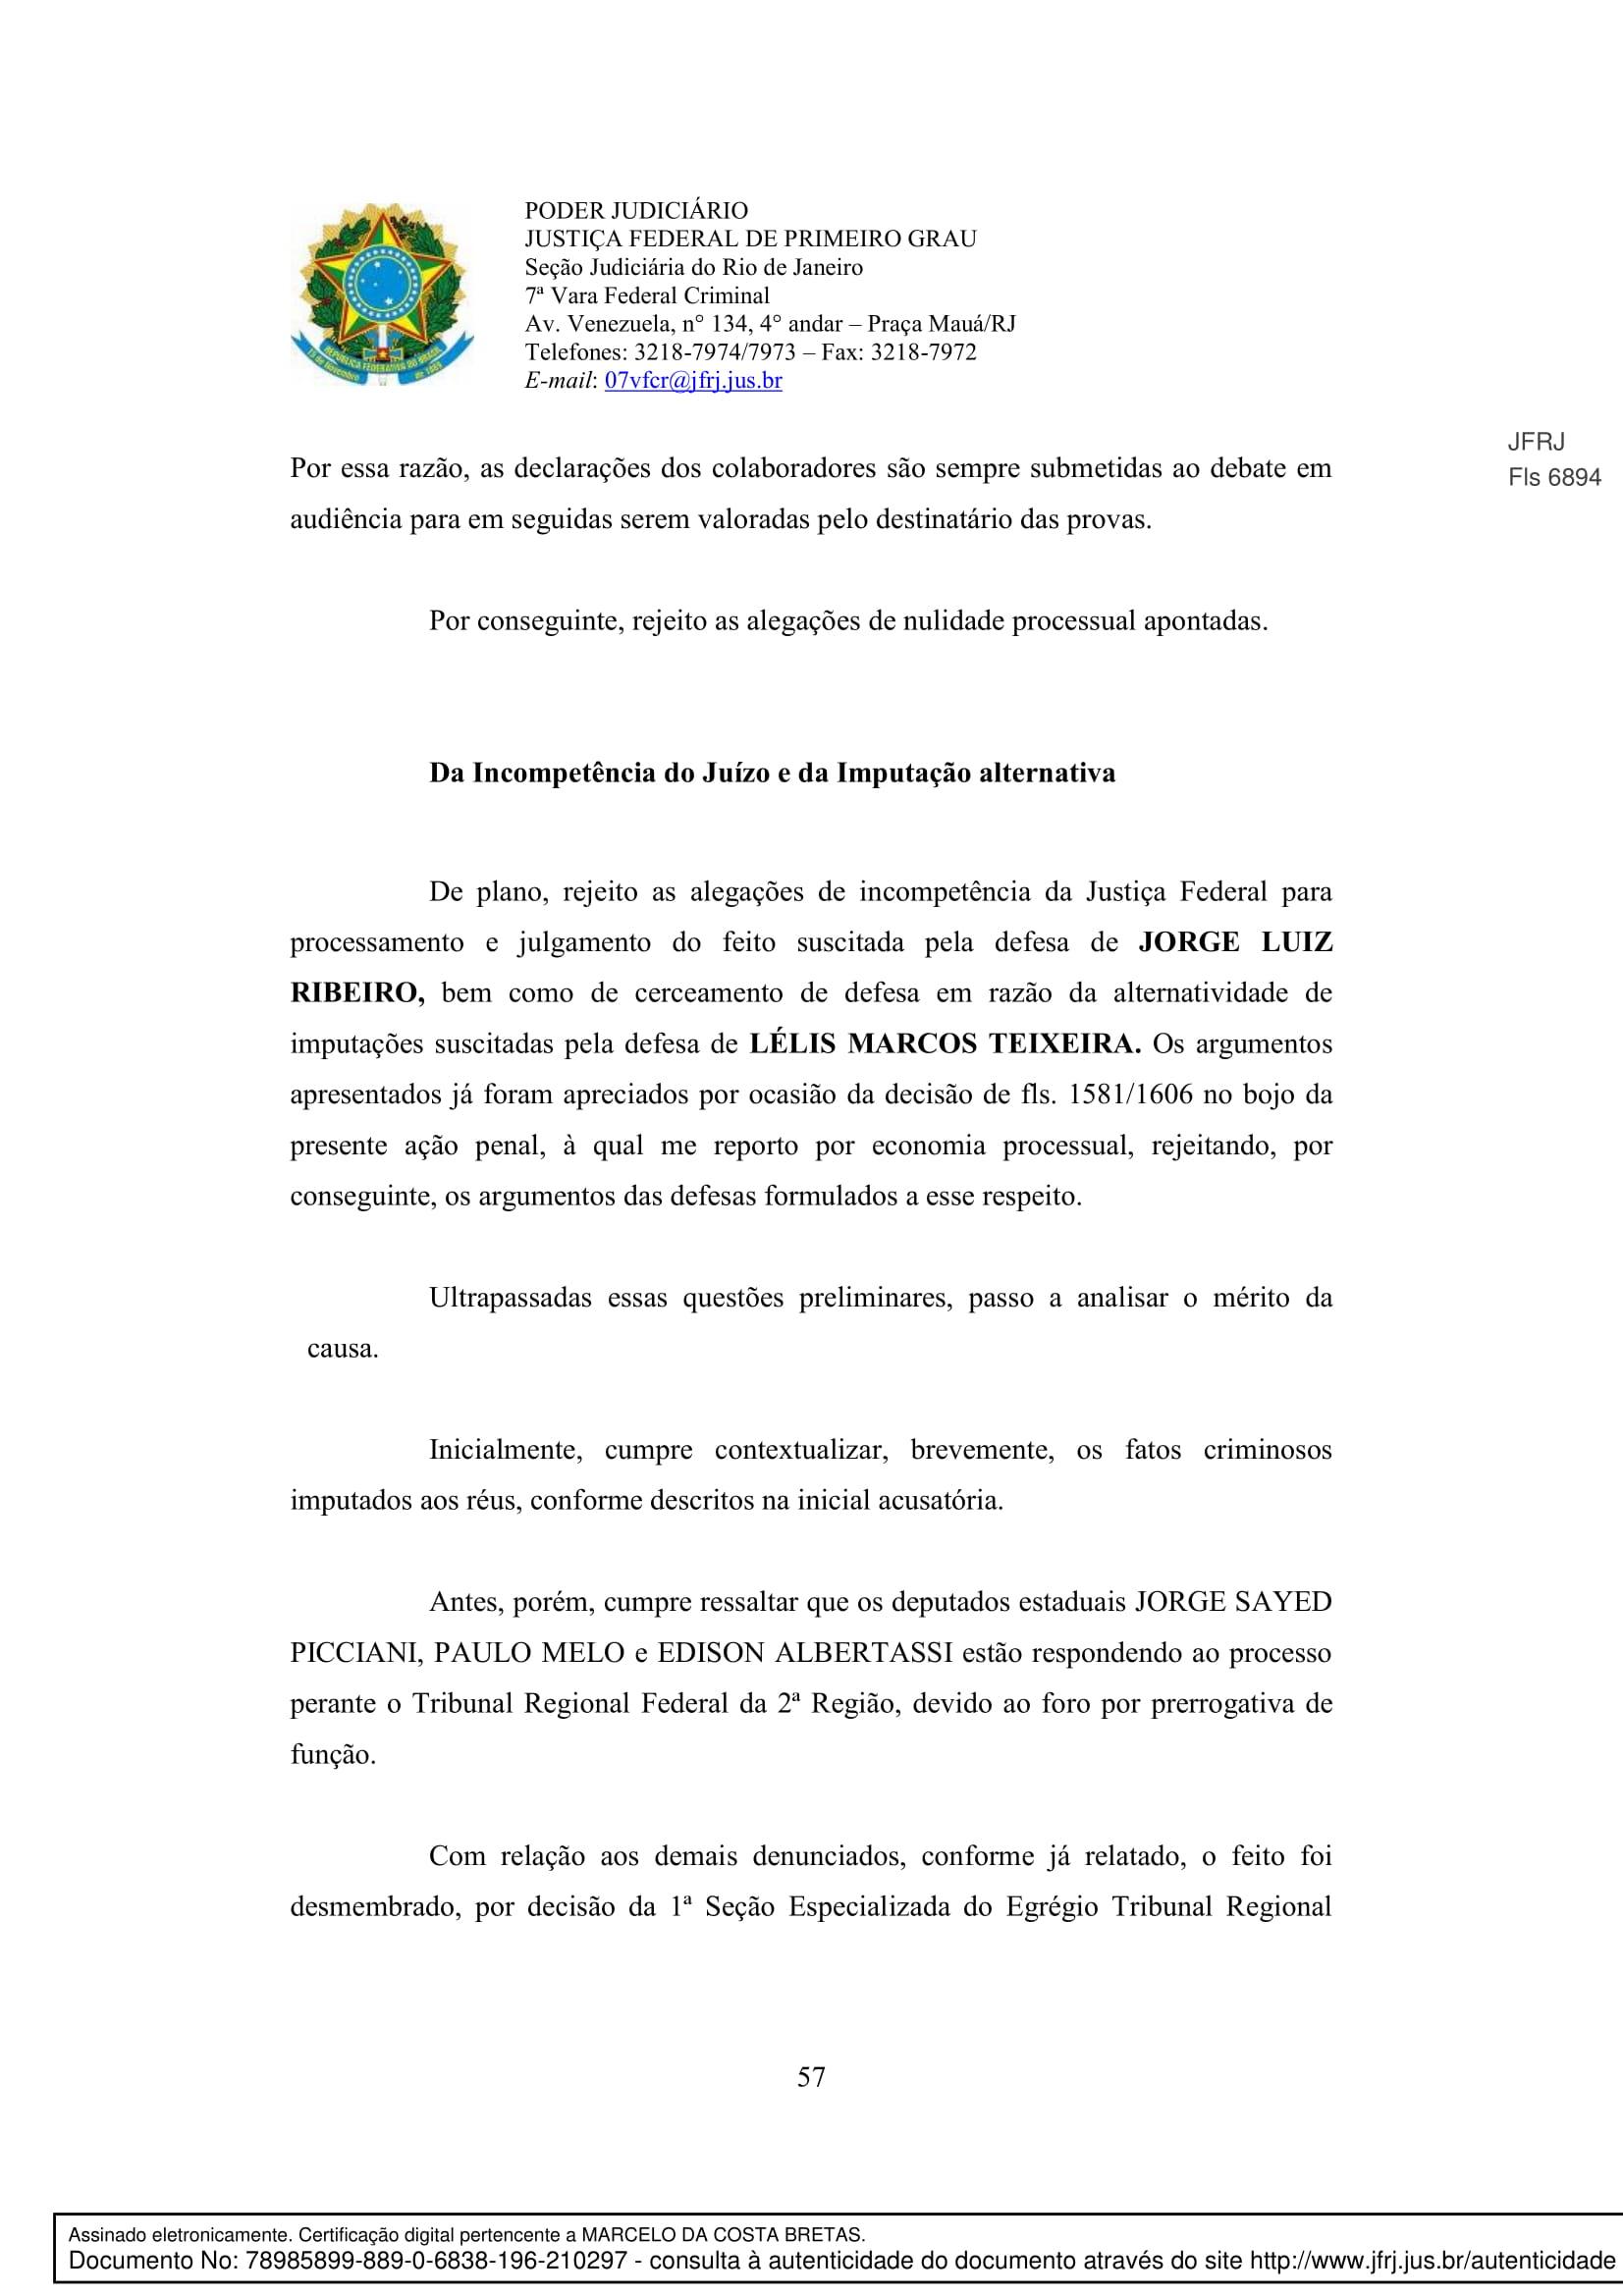 Sentenca-Cadeia-Velha-7VFC-057